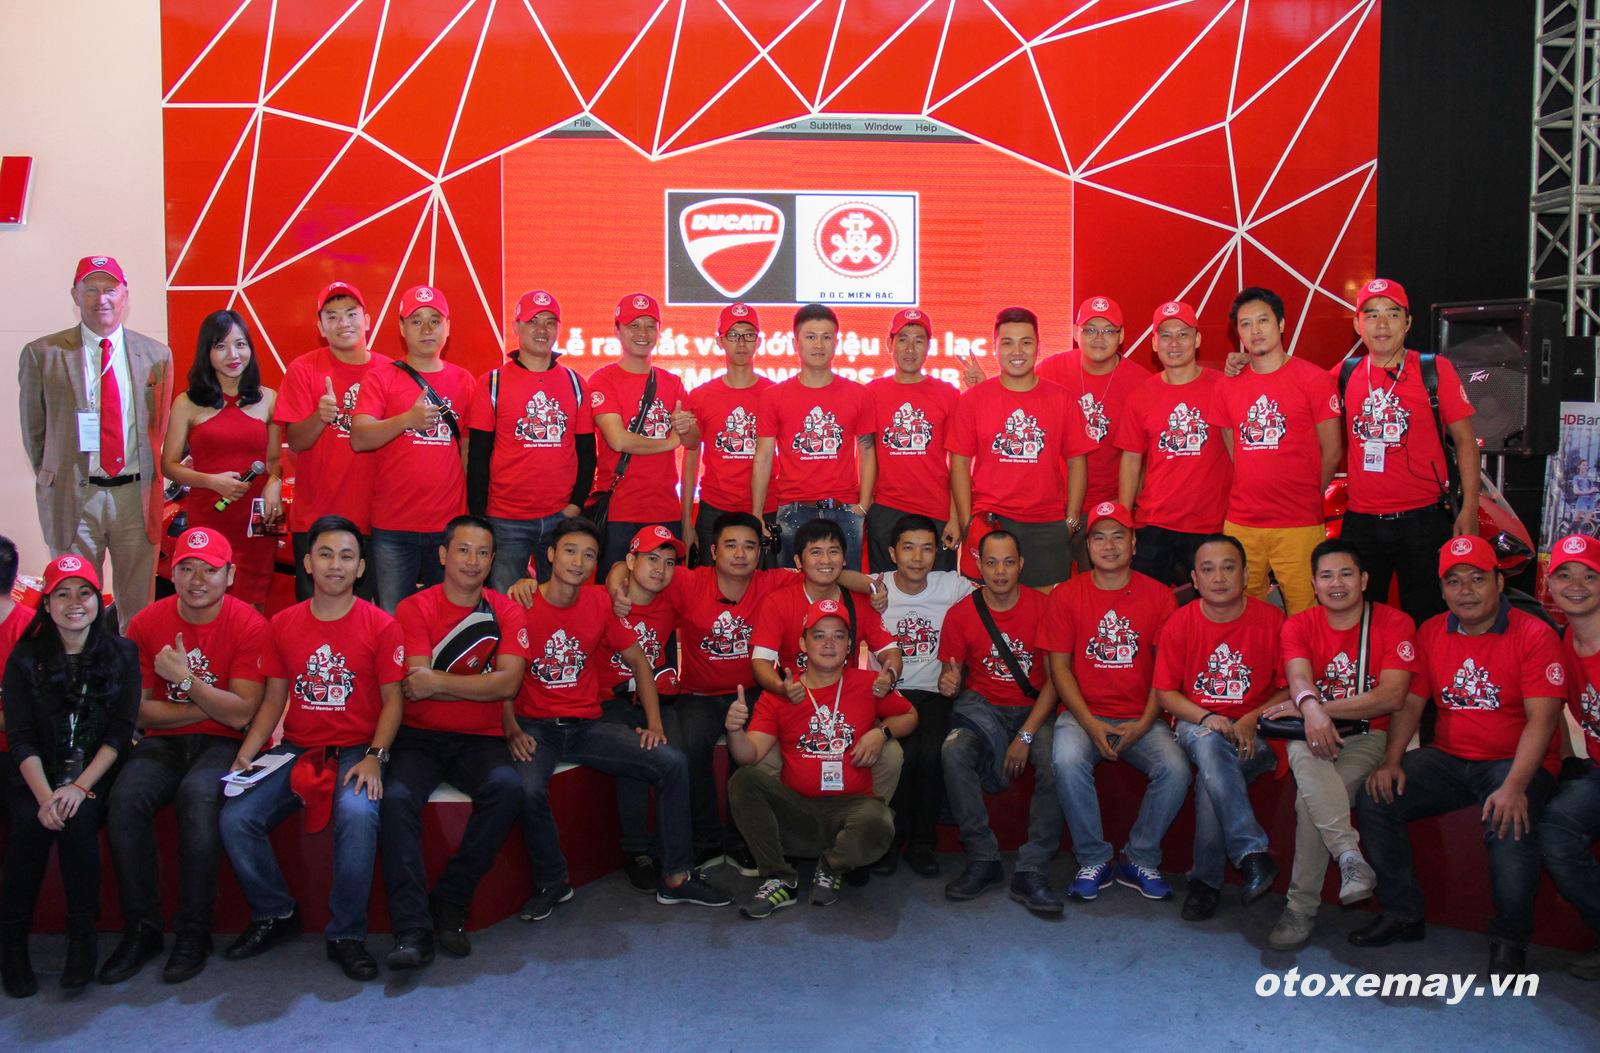 DOC Mien Bac chinh thuc nhap hoi Ducatisti the gioi - 9